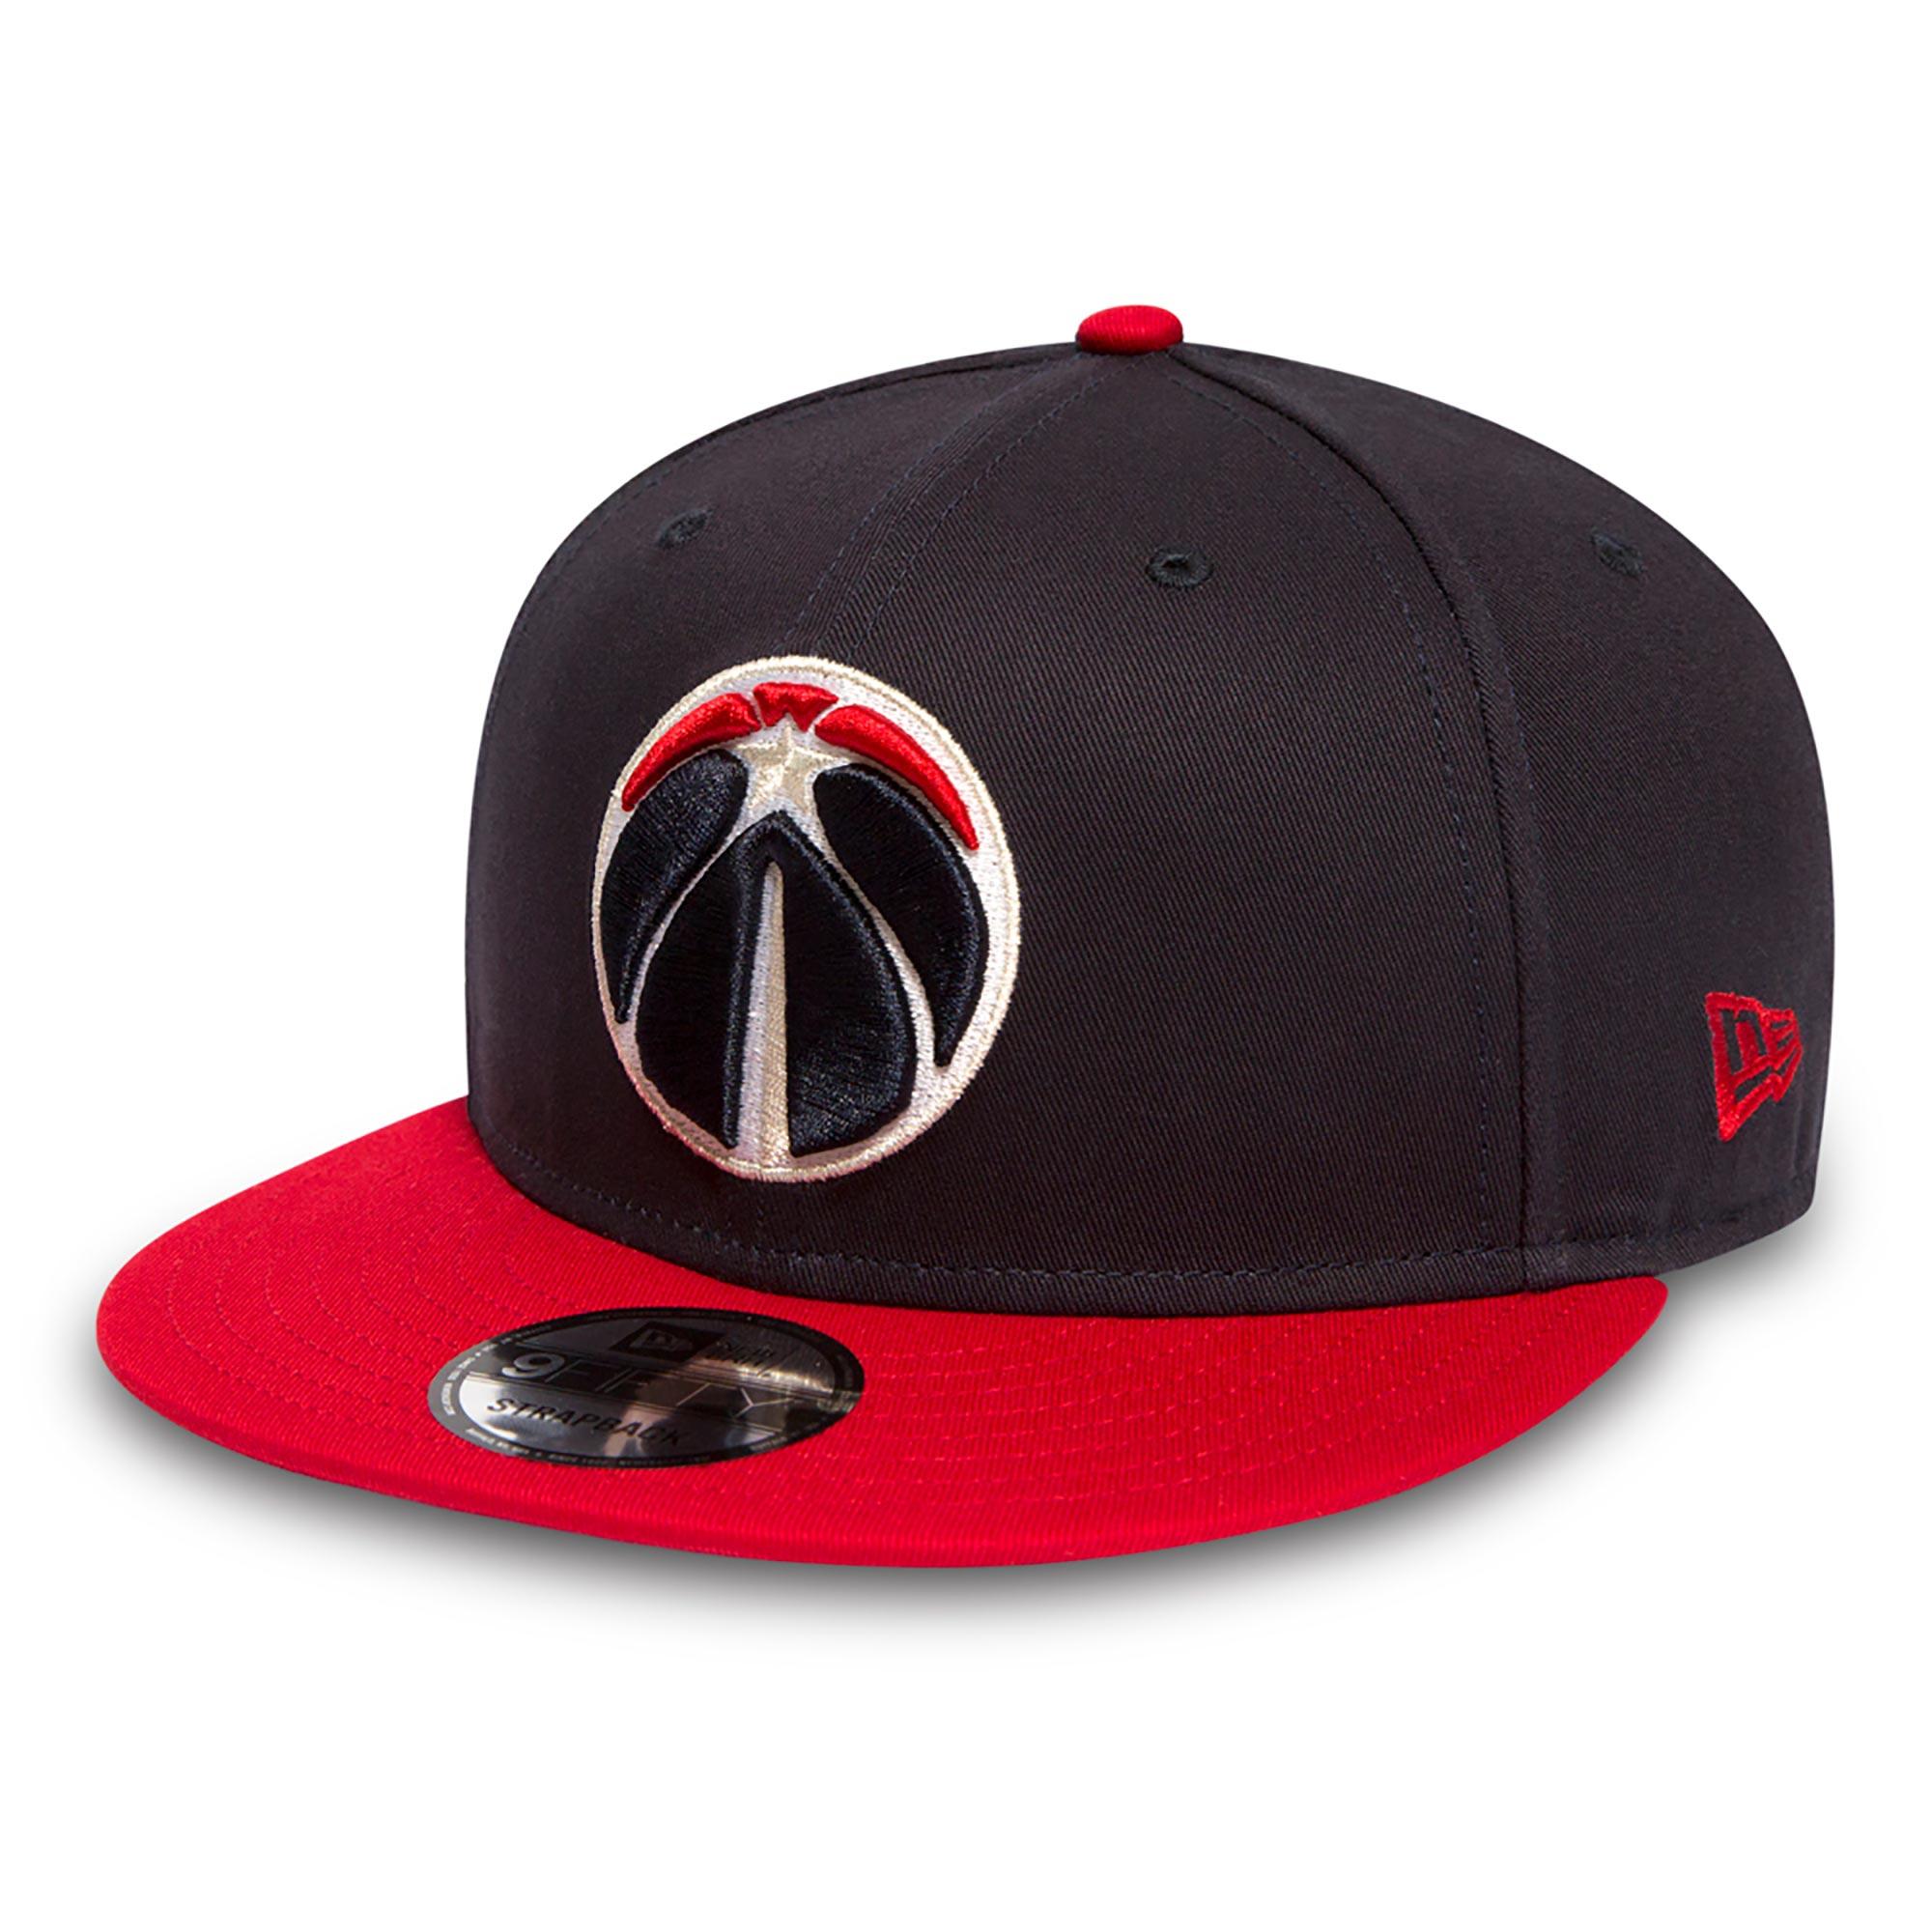 Washington Wizards New Era Basic 9FIFTY Snapback Cap